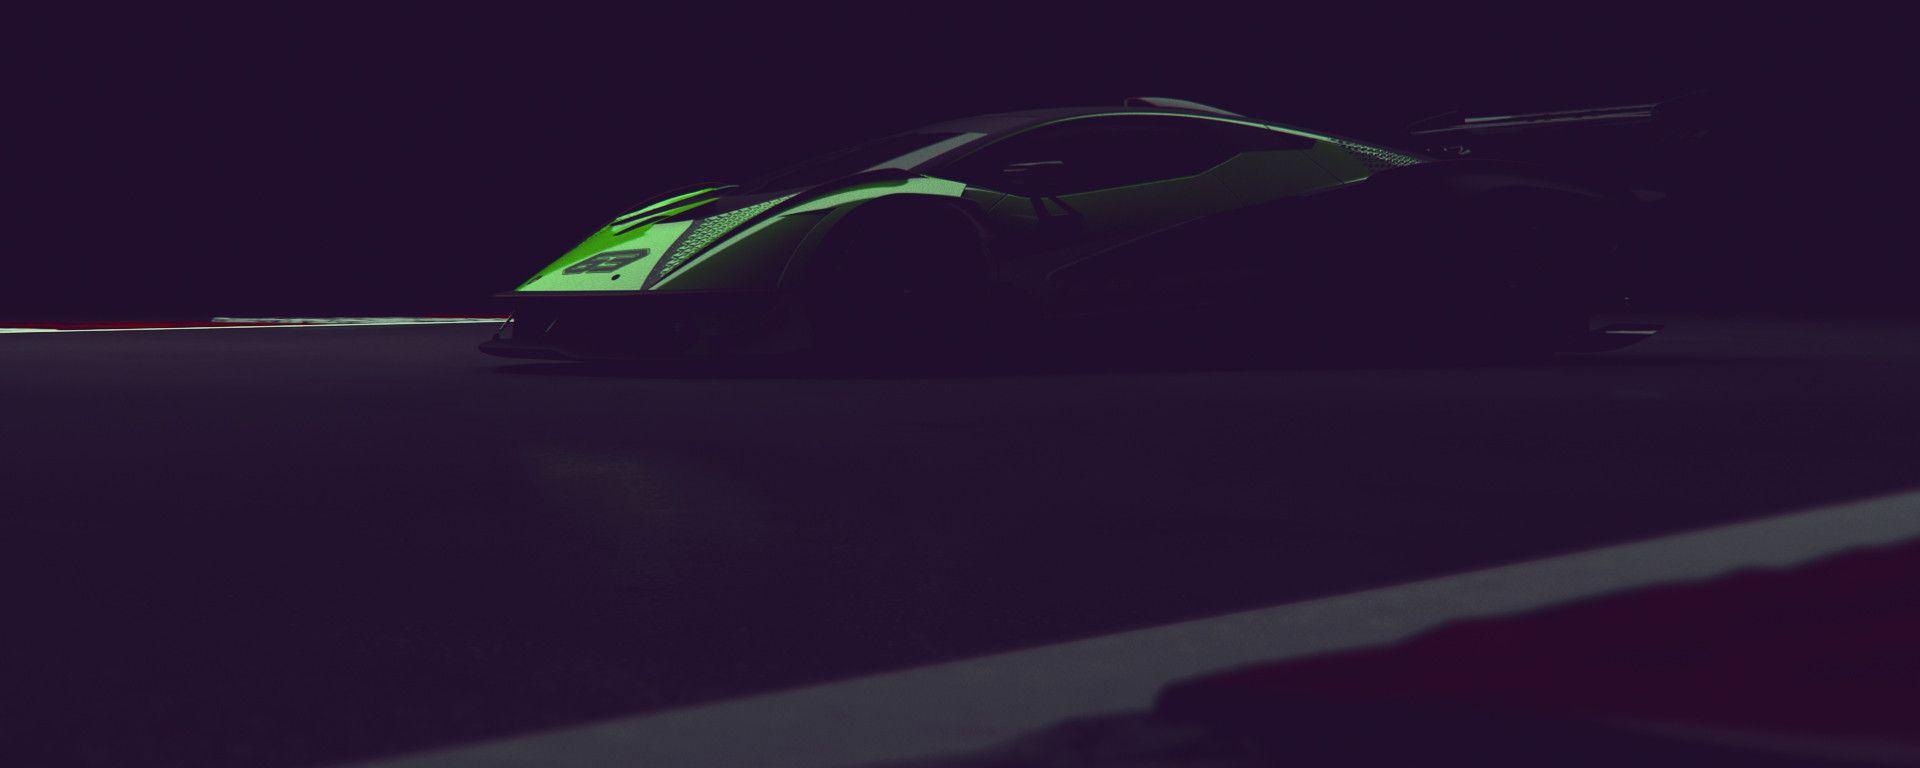 La nuova hypercar Lamborghini V12 per la pista